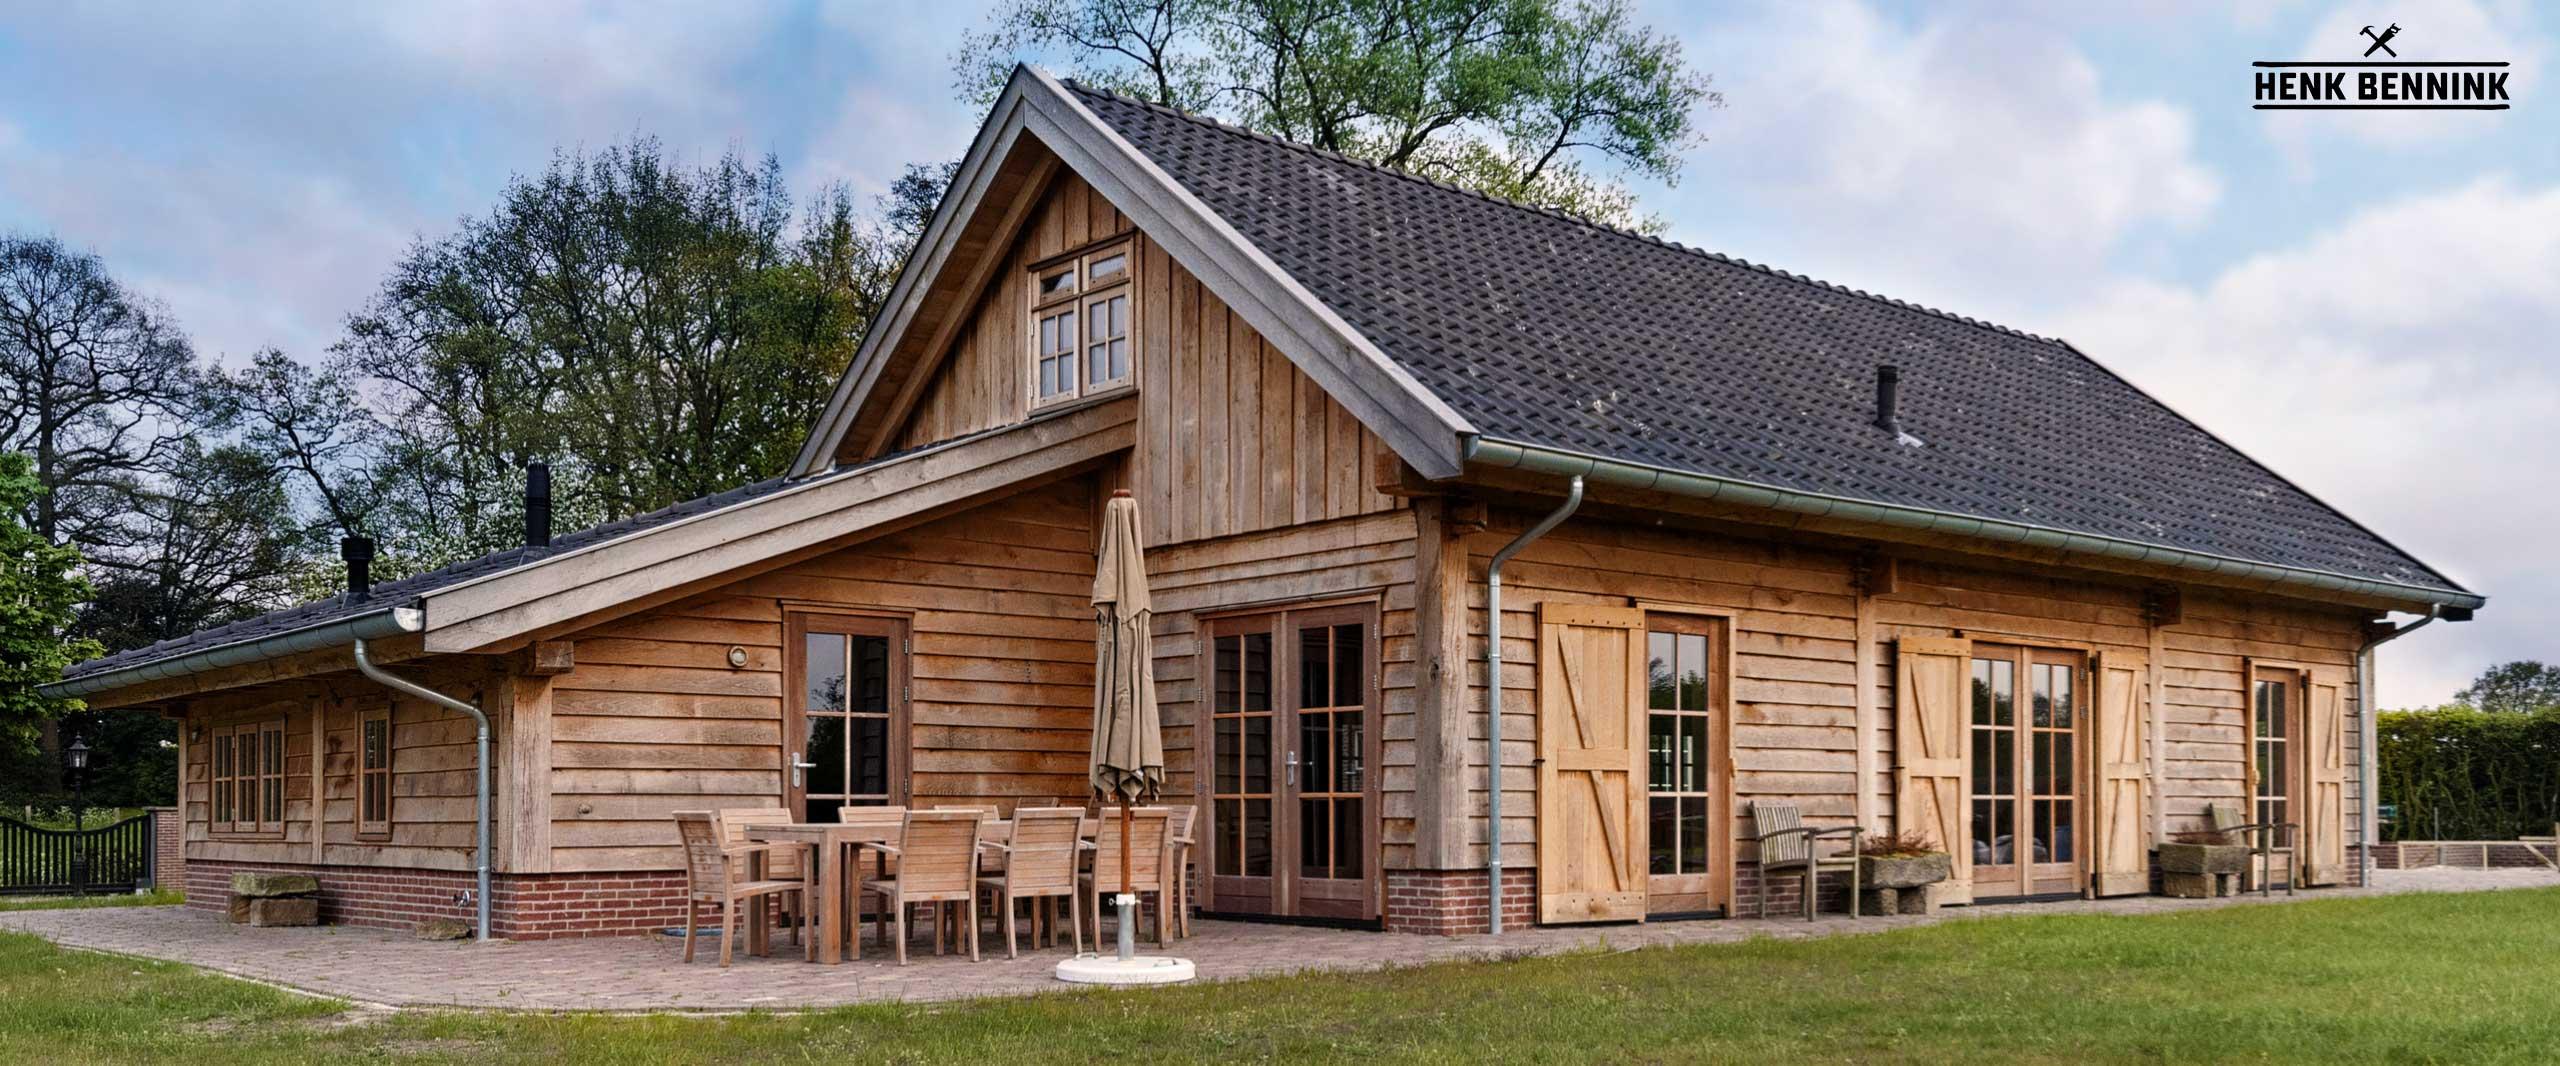 Eiken Workshopruimte met gastenverblijf in Lonneker gerealiseerd door Henk Bennink Exclusieve Houtbouw